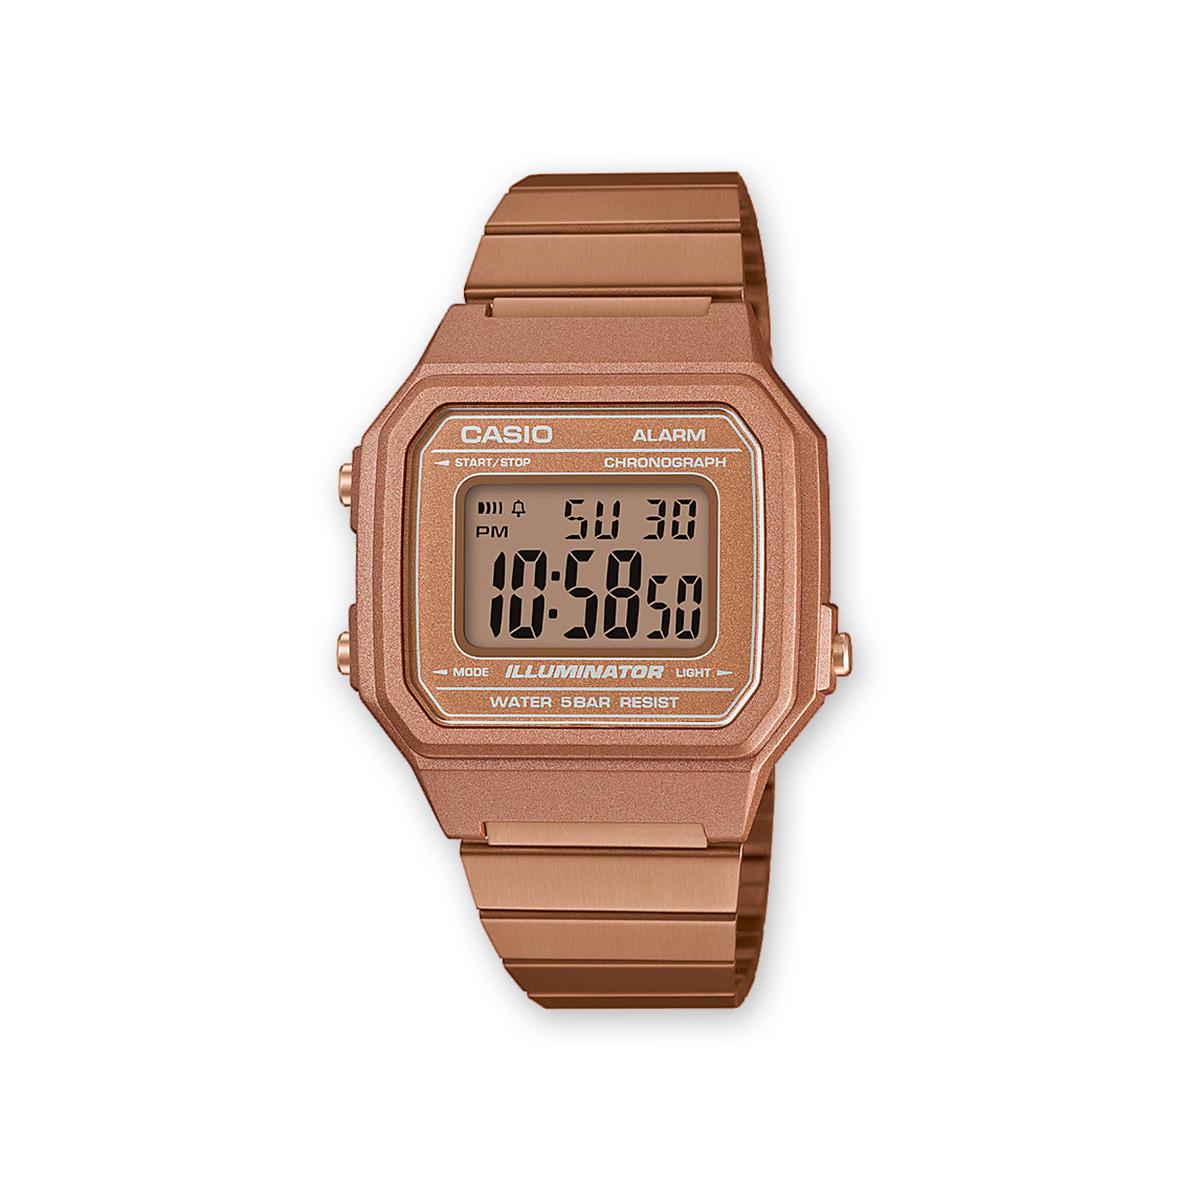 8469e3c5f61d0d Montre Casio mixte digitale acier doré rose - Femme, homme - modèle ...